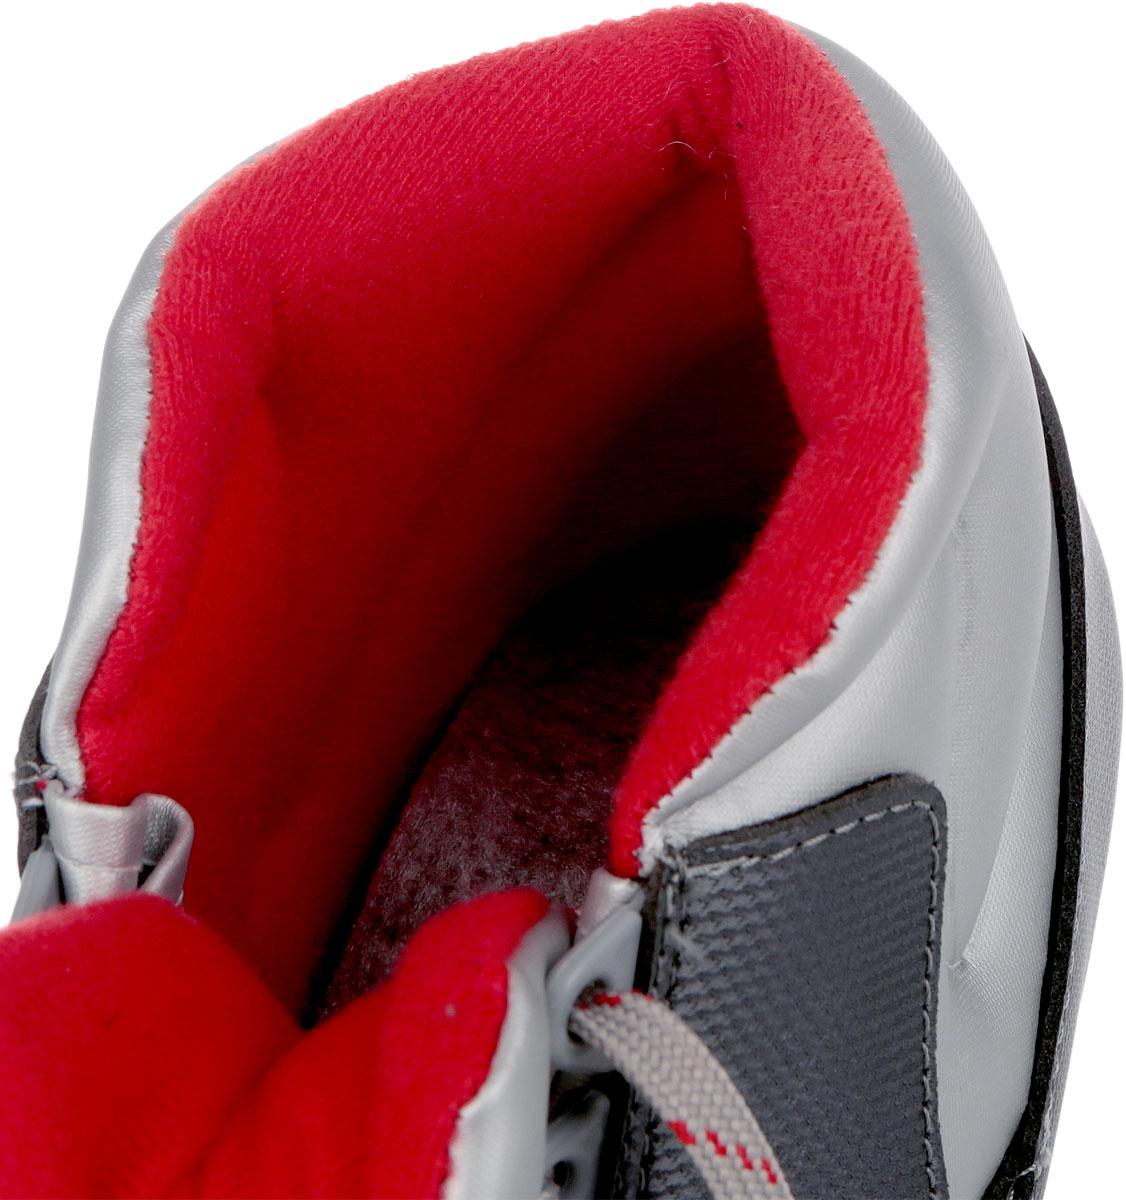 Ботинки лыжные Karjala Country 75, цвет:  темно-серый, серебристый, красный.  Размер 46 Karjala (Карелия)